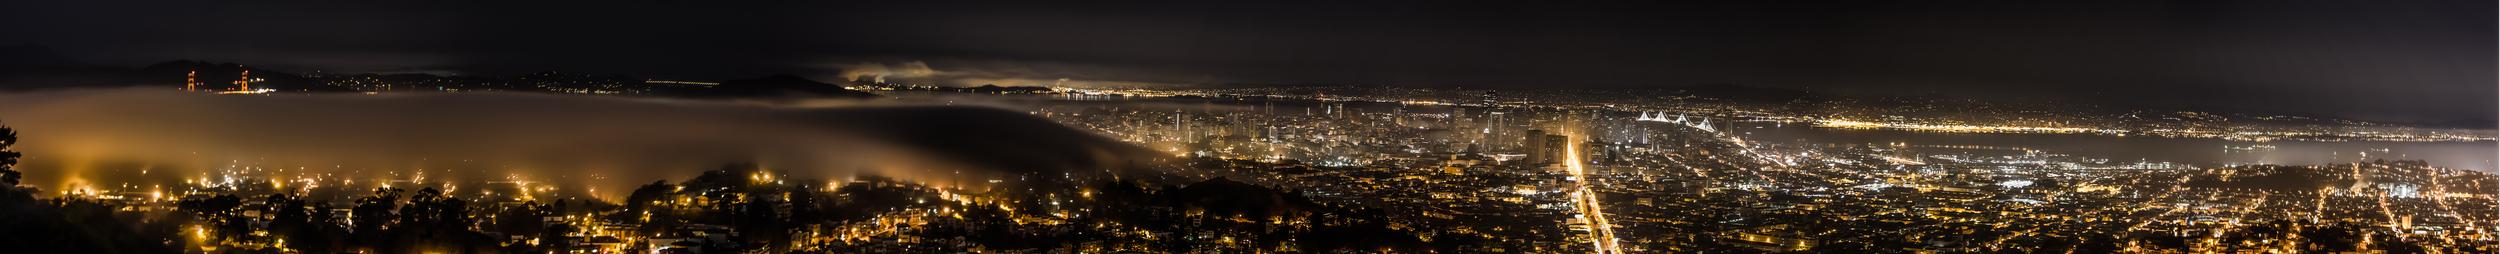 San Francisco Skyline from Twin Peaks